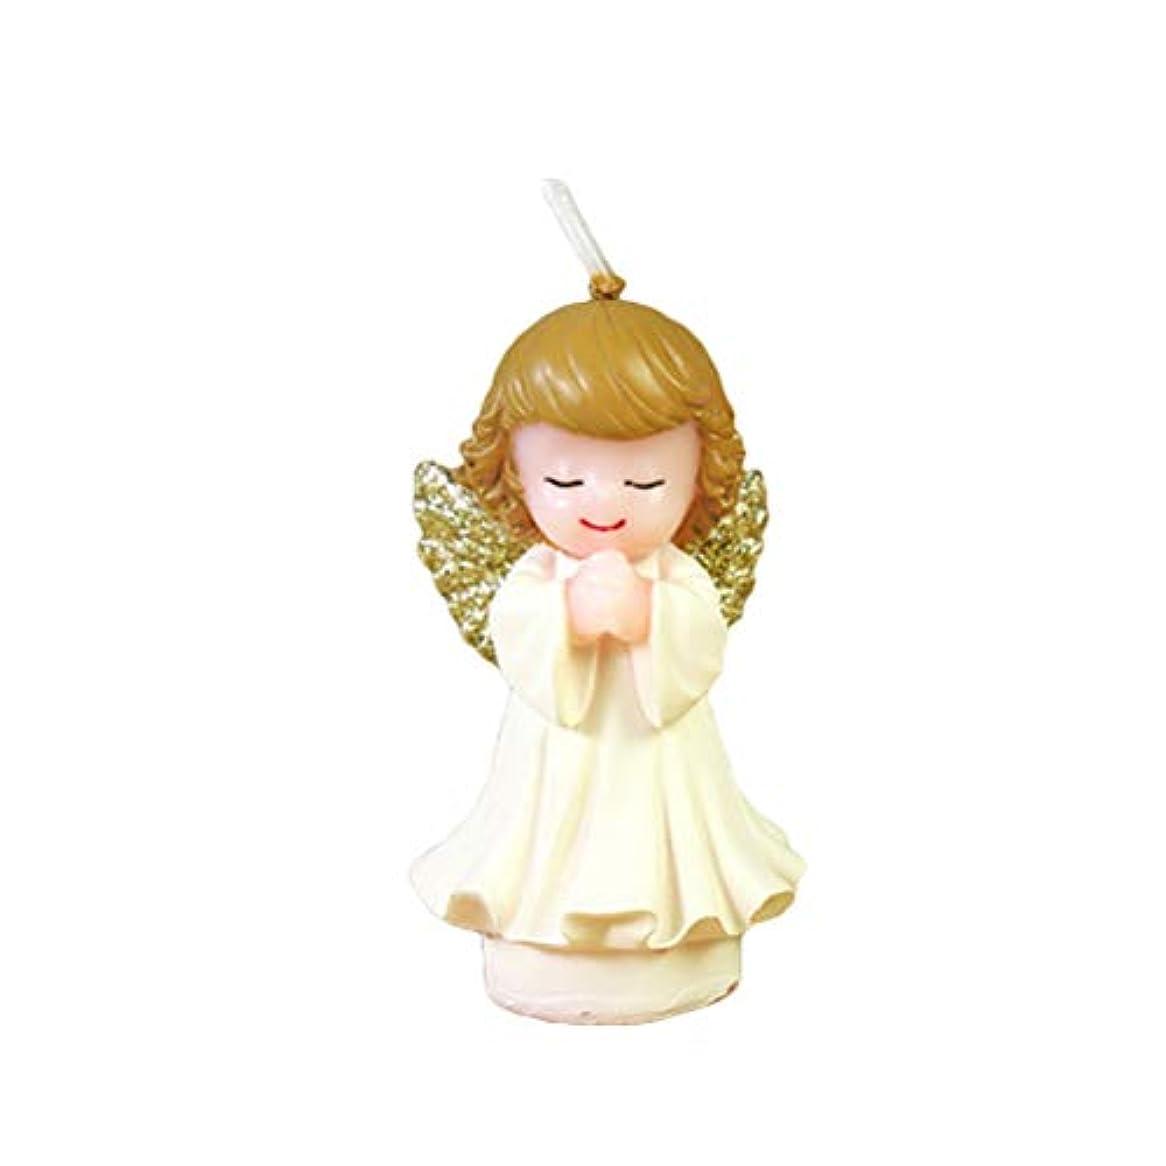 船酔い団結する硫黄BESTOYARD 天使の蝋燭赤ちゃんの女の子の幼児のためのかわいい天使の誕生日の装飾の技術のろうそく